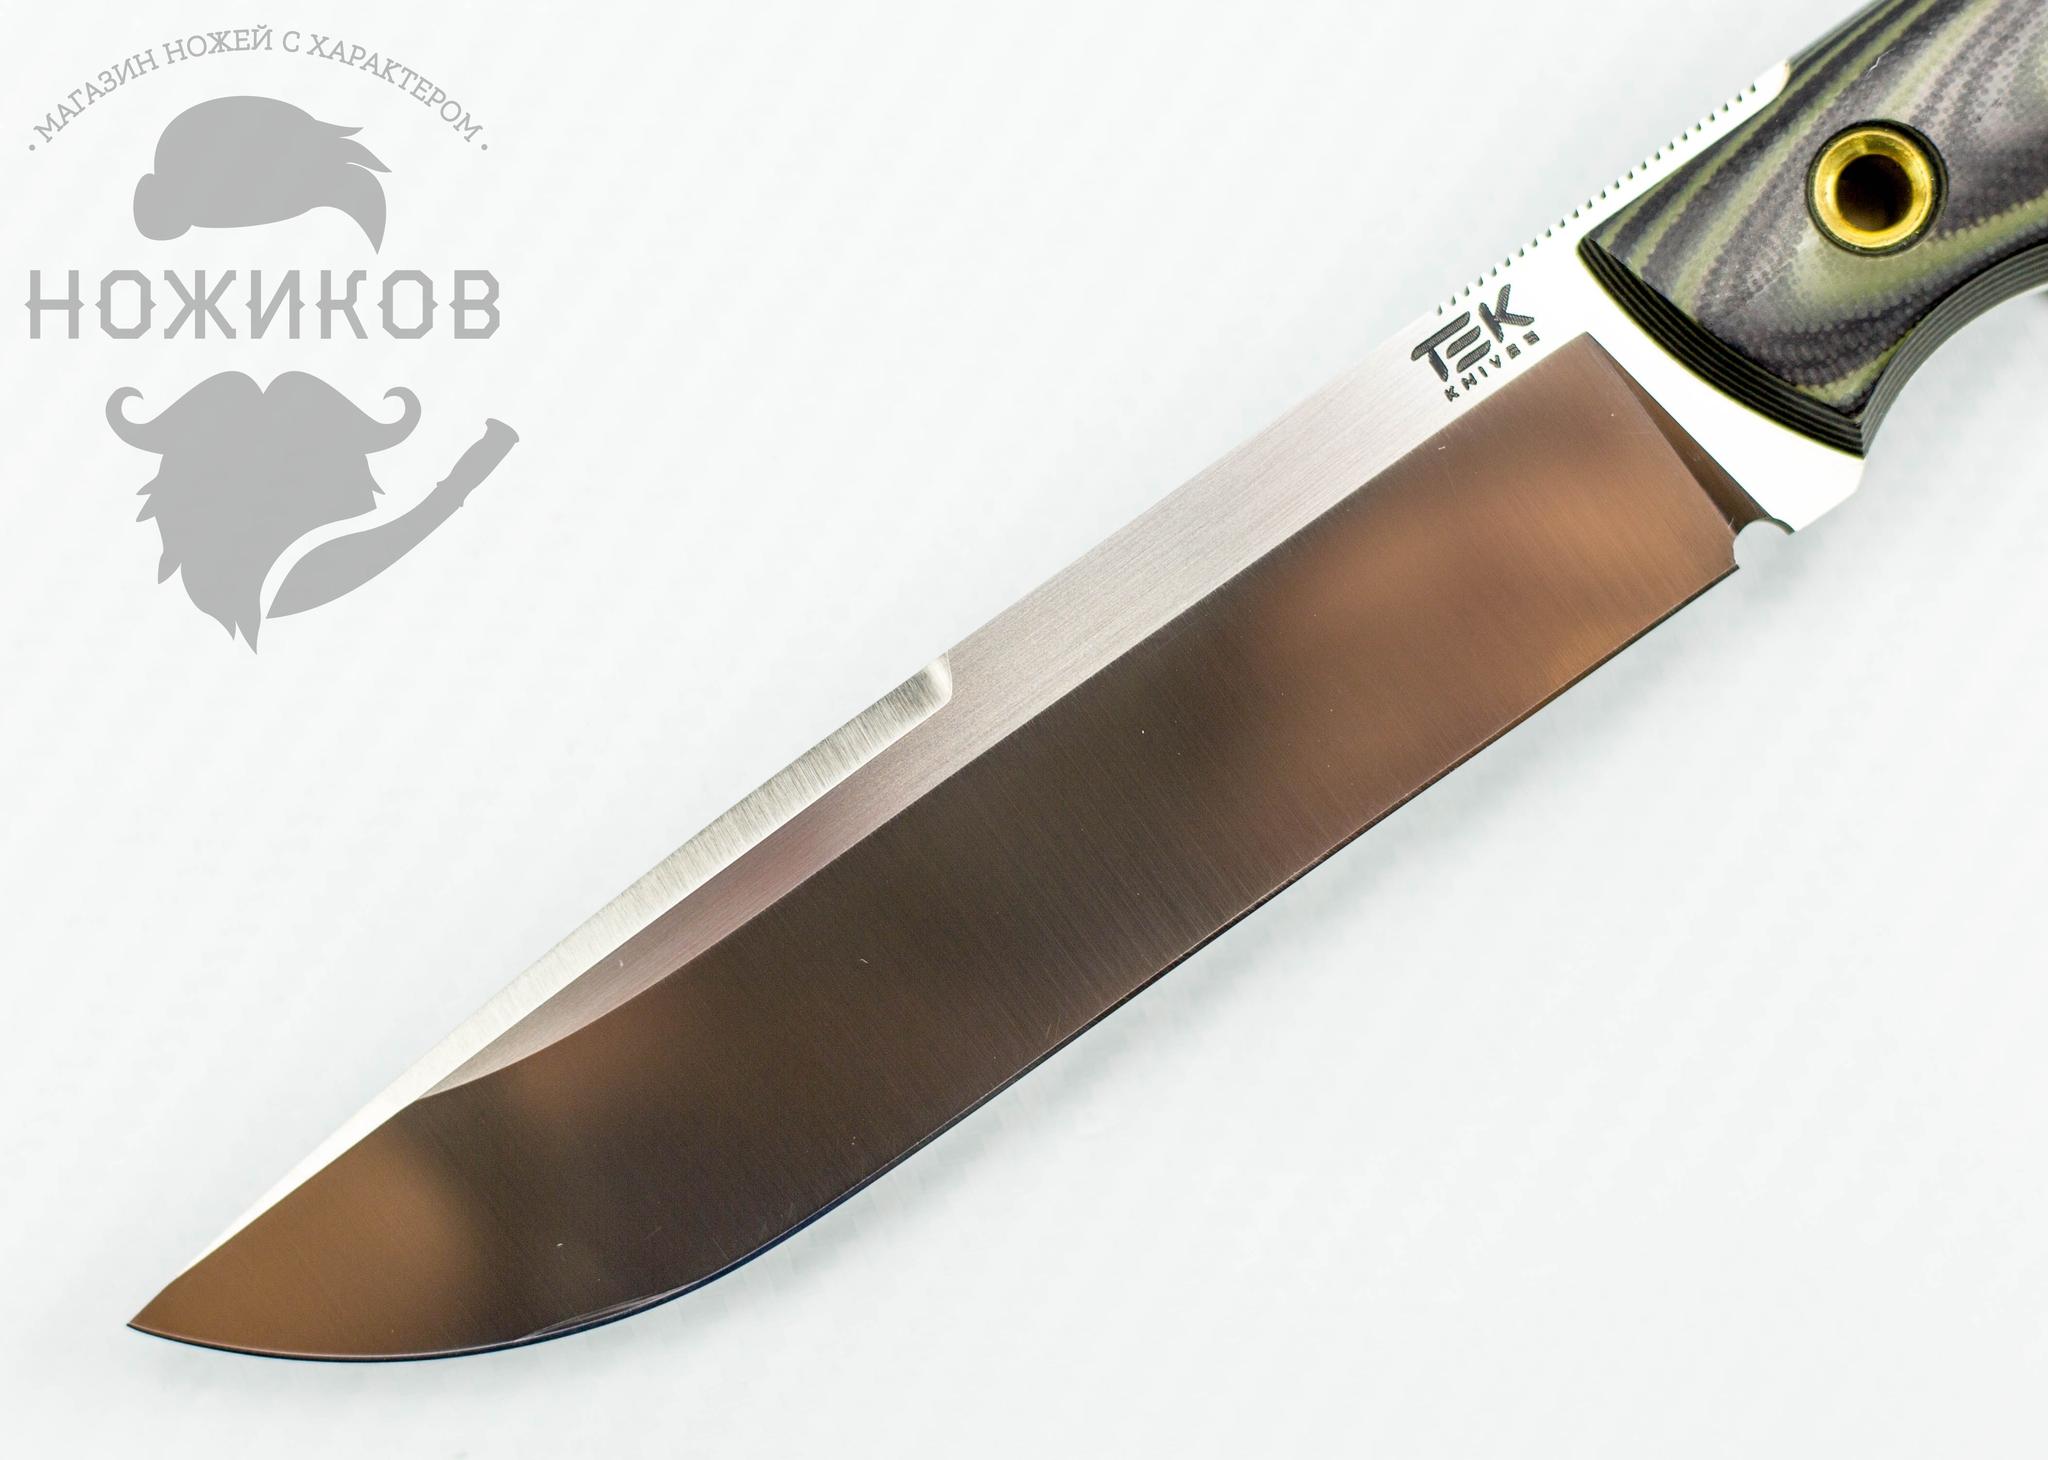 Фото 6 - Туристический нож Shark Green, сталь M390